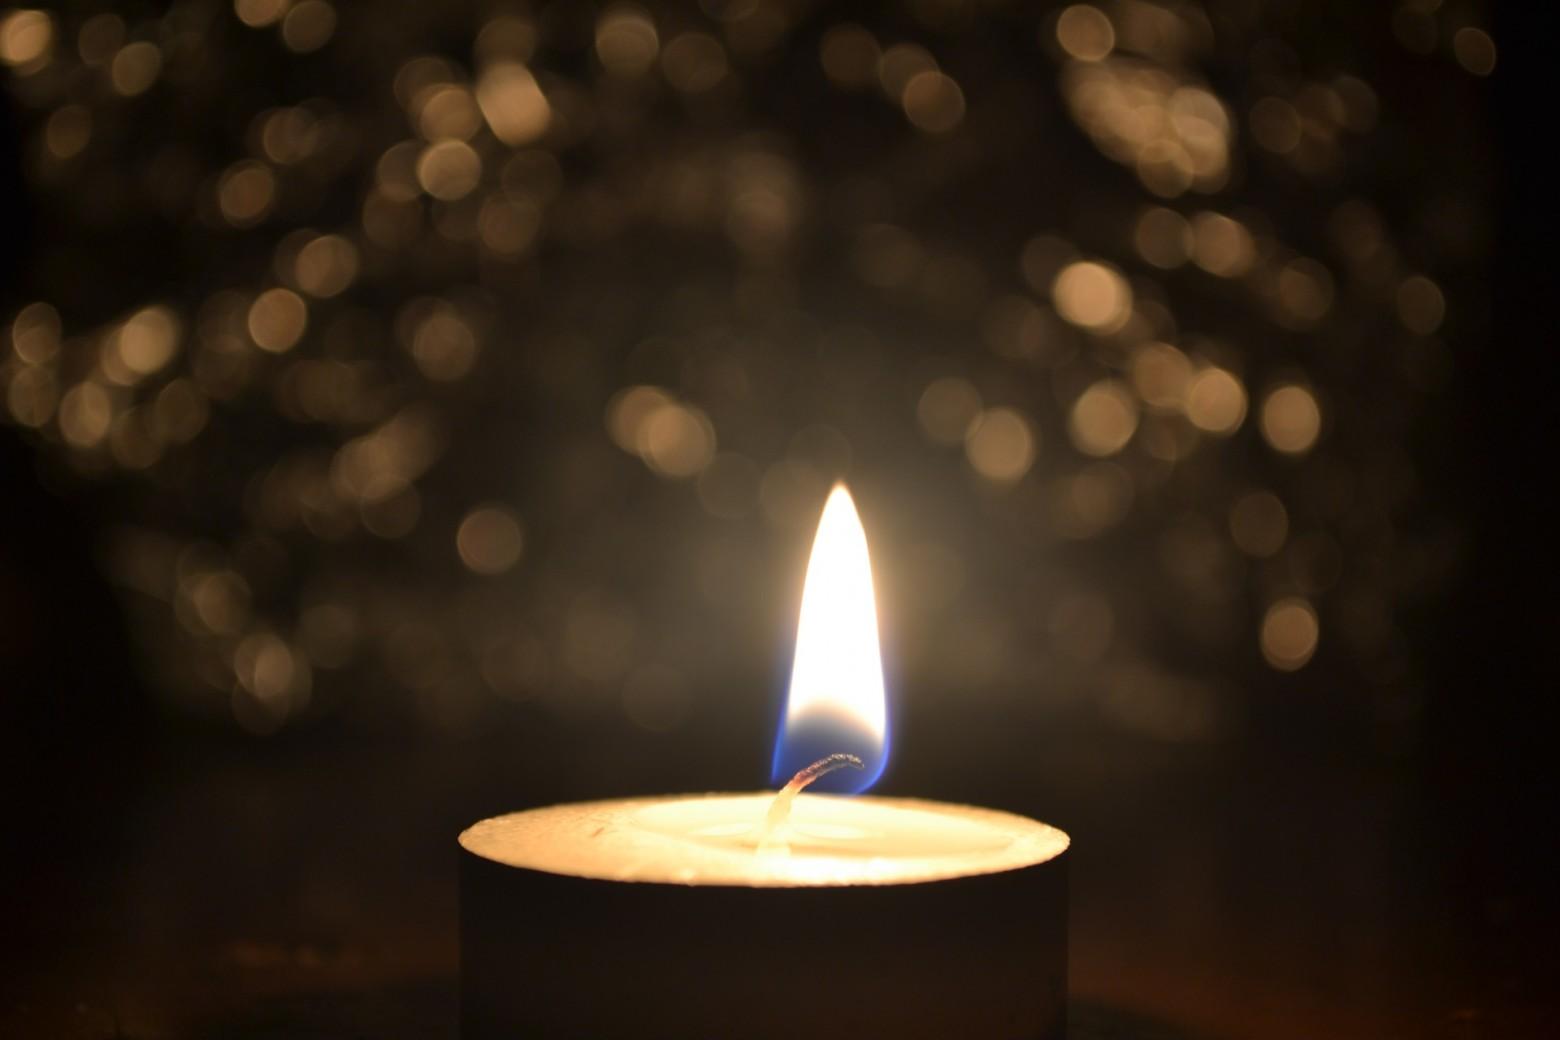 abstrait bokeh lumière bougie candle flamme images photos gratuites ... 4f27f2c9b5eb